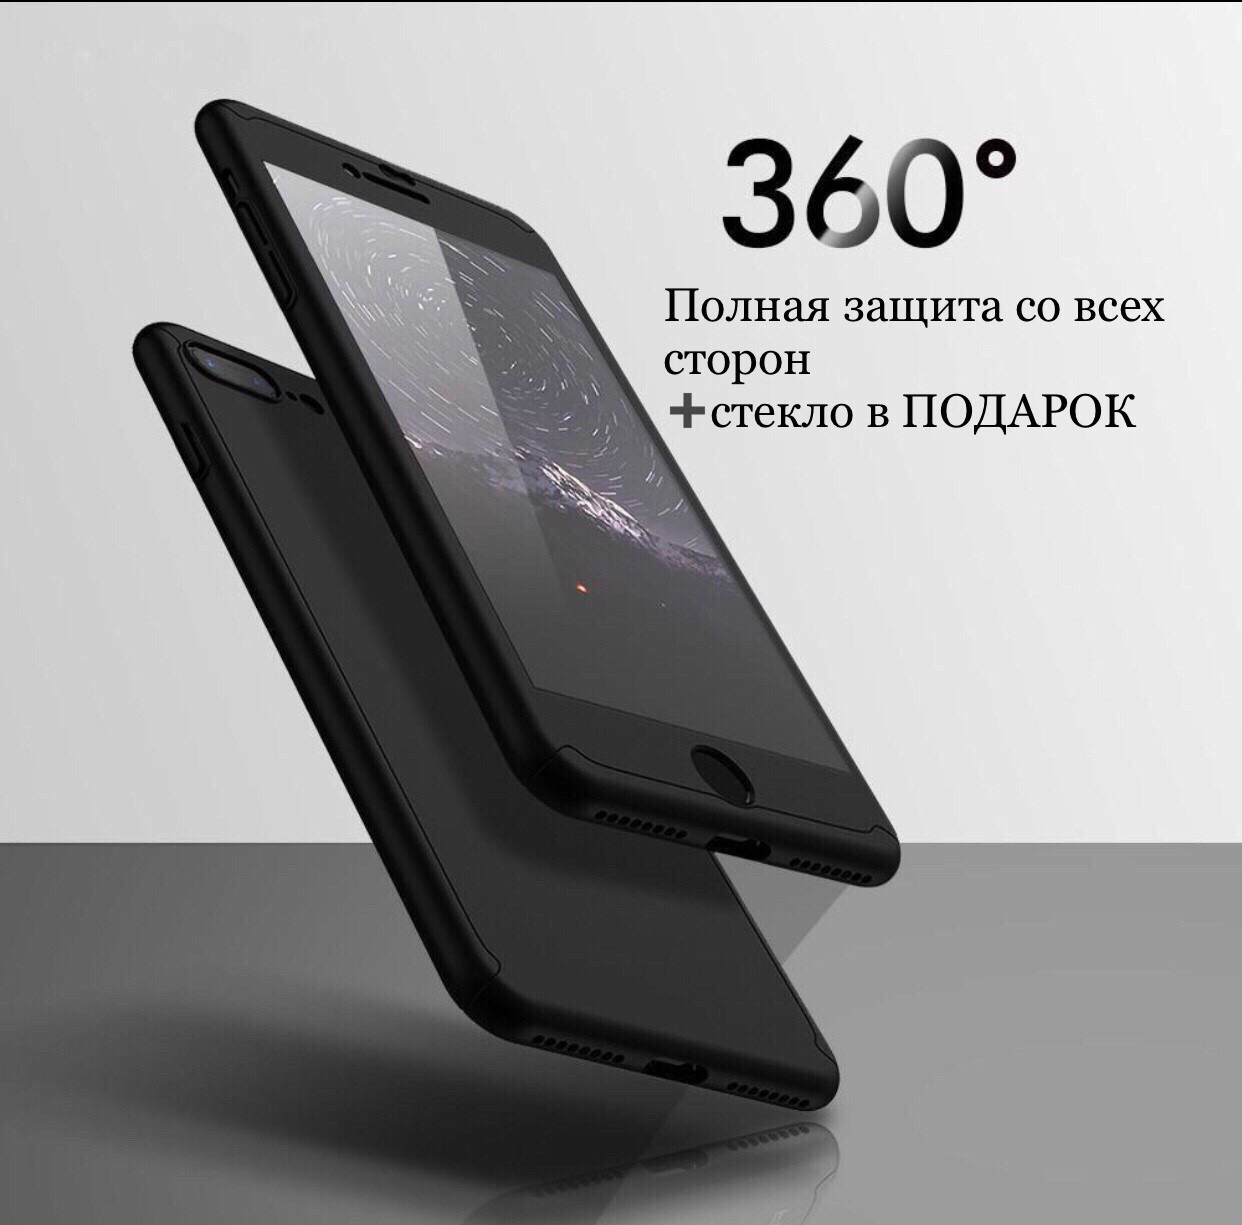 Чехол противоударный 360 для Iphone 6/6S  + стекло